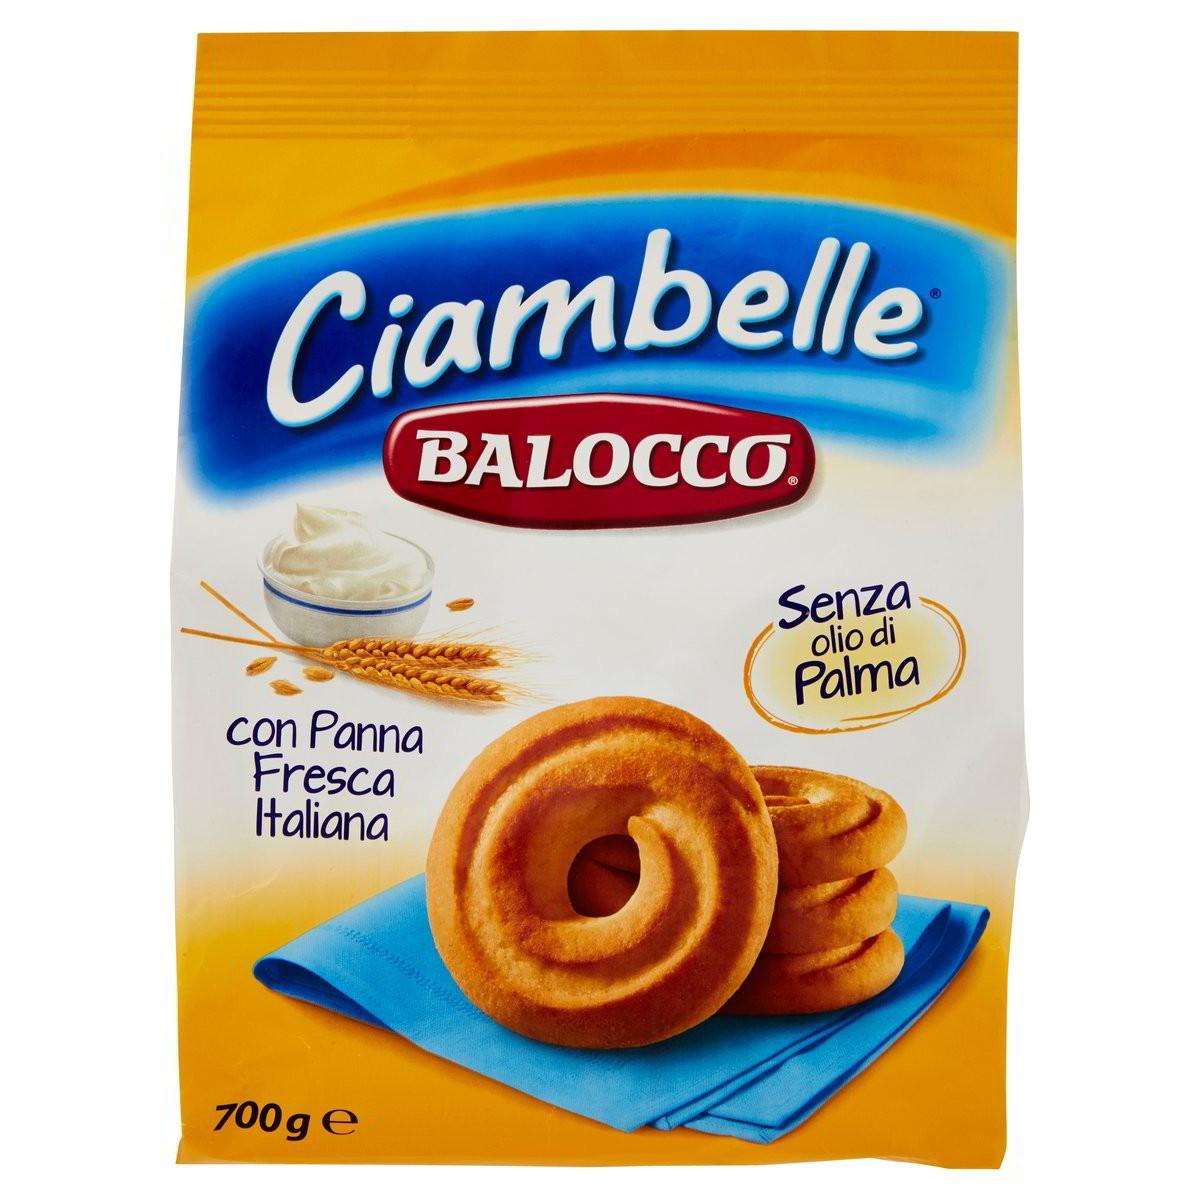 Biscotti Ciambelle